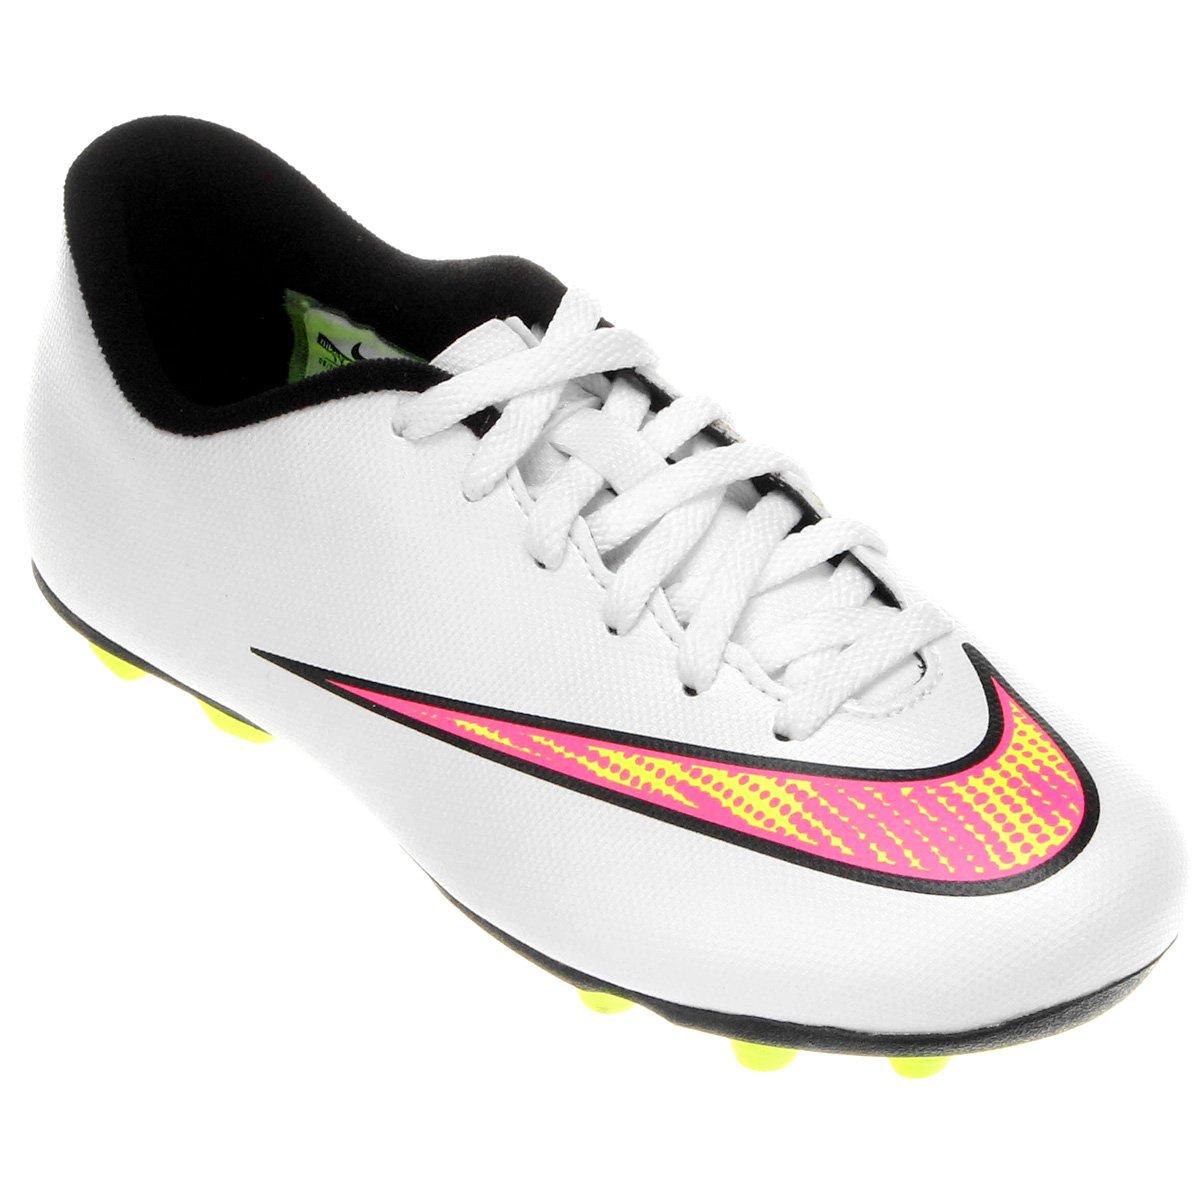 948e75901d995 Chuteira Nike Mercurial Vortex 2 FG Campo Infantil | Loja do Inter